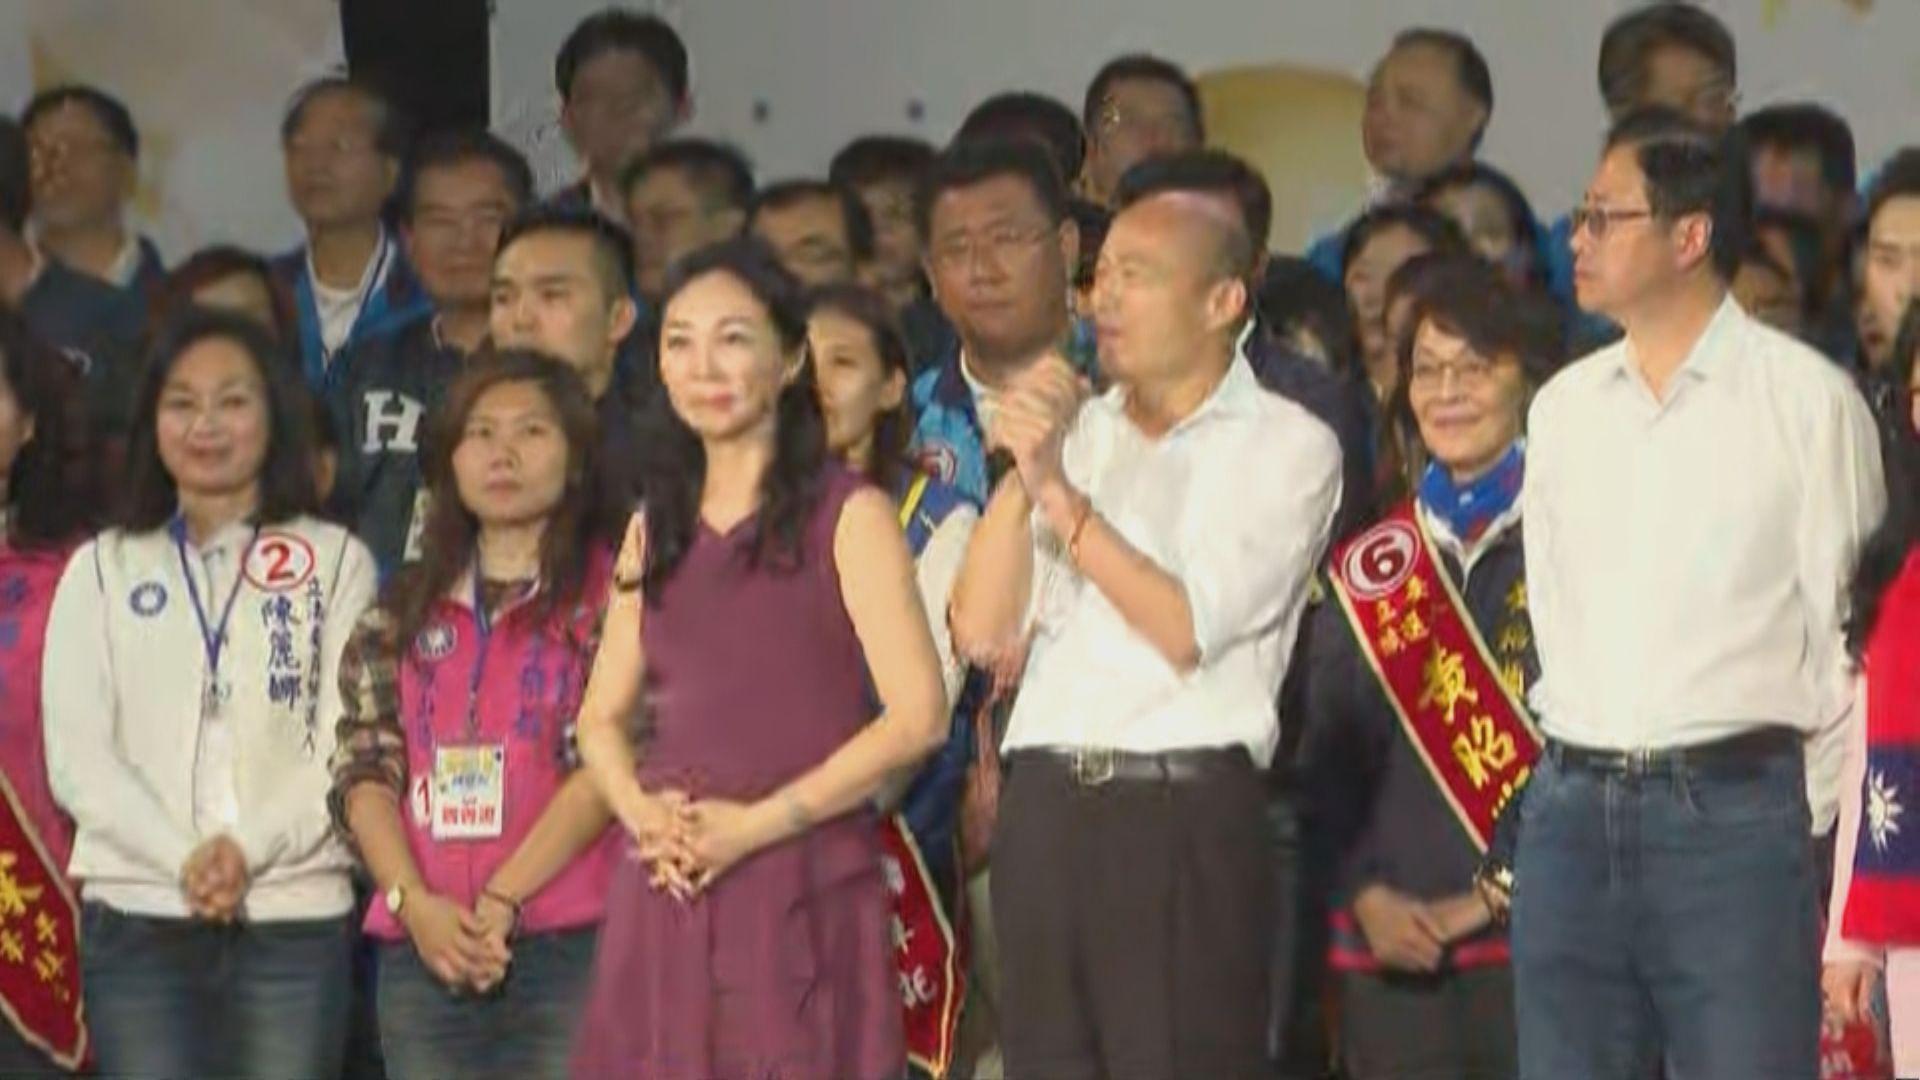 韓國瑜高雄造勢晚會 立委候選人等呼籲選委投票